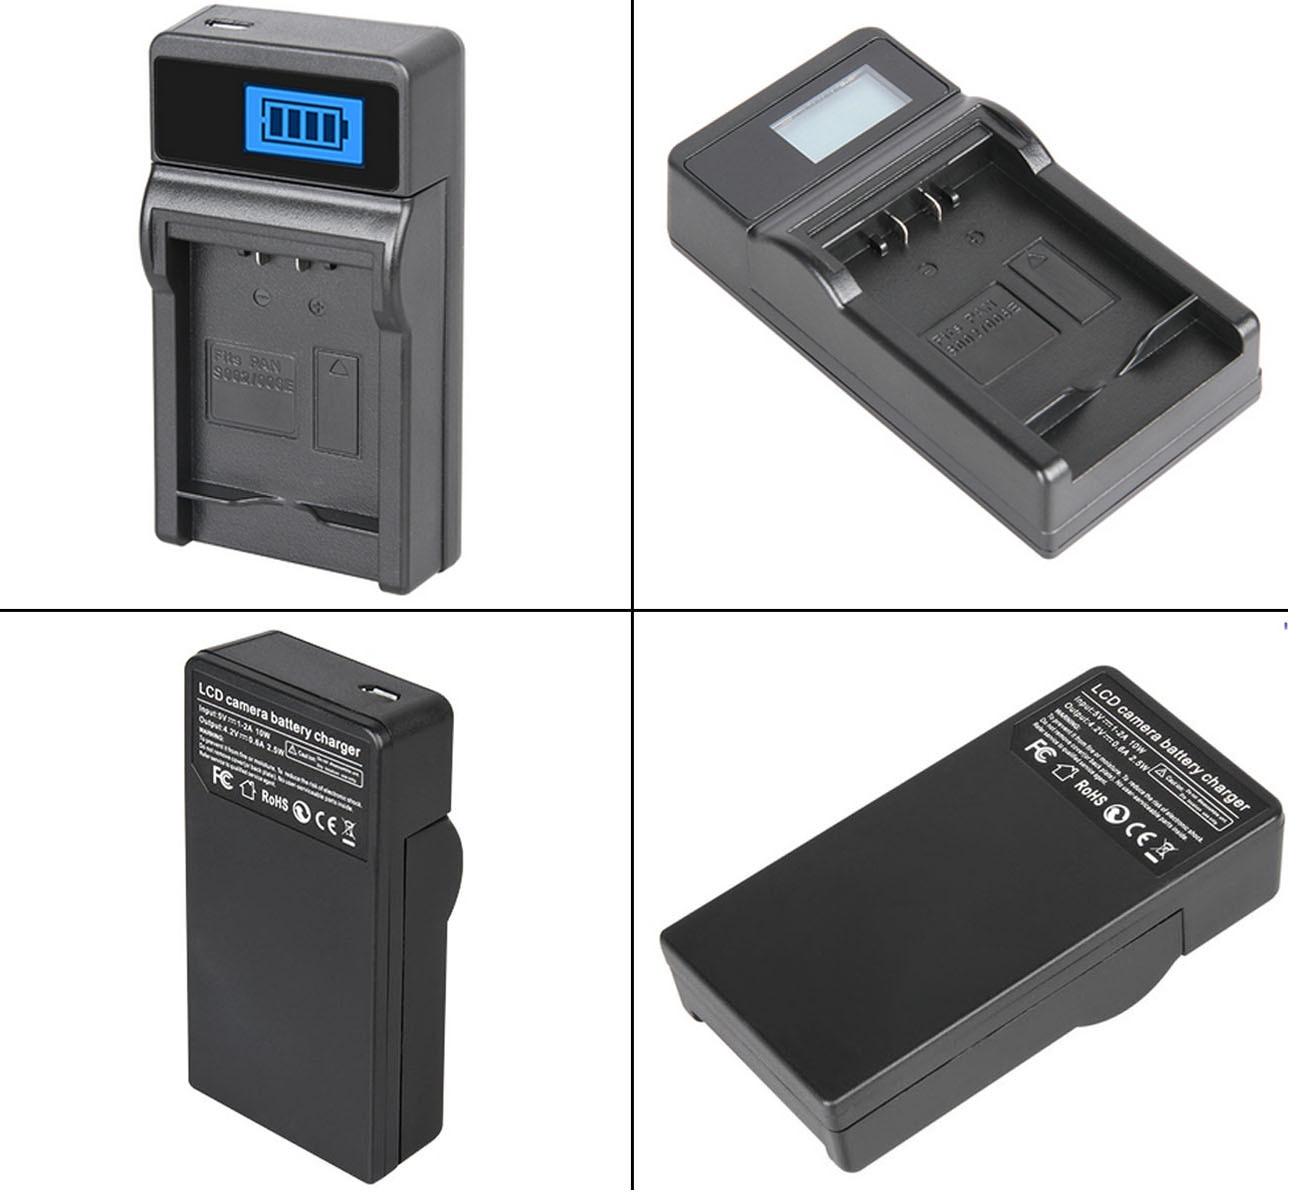 para jvc everio gz-ex515 gz-ex515beu con micro USB Plug Rápido-cargador